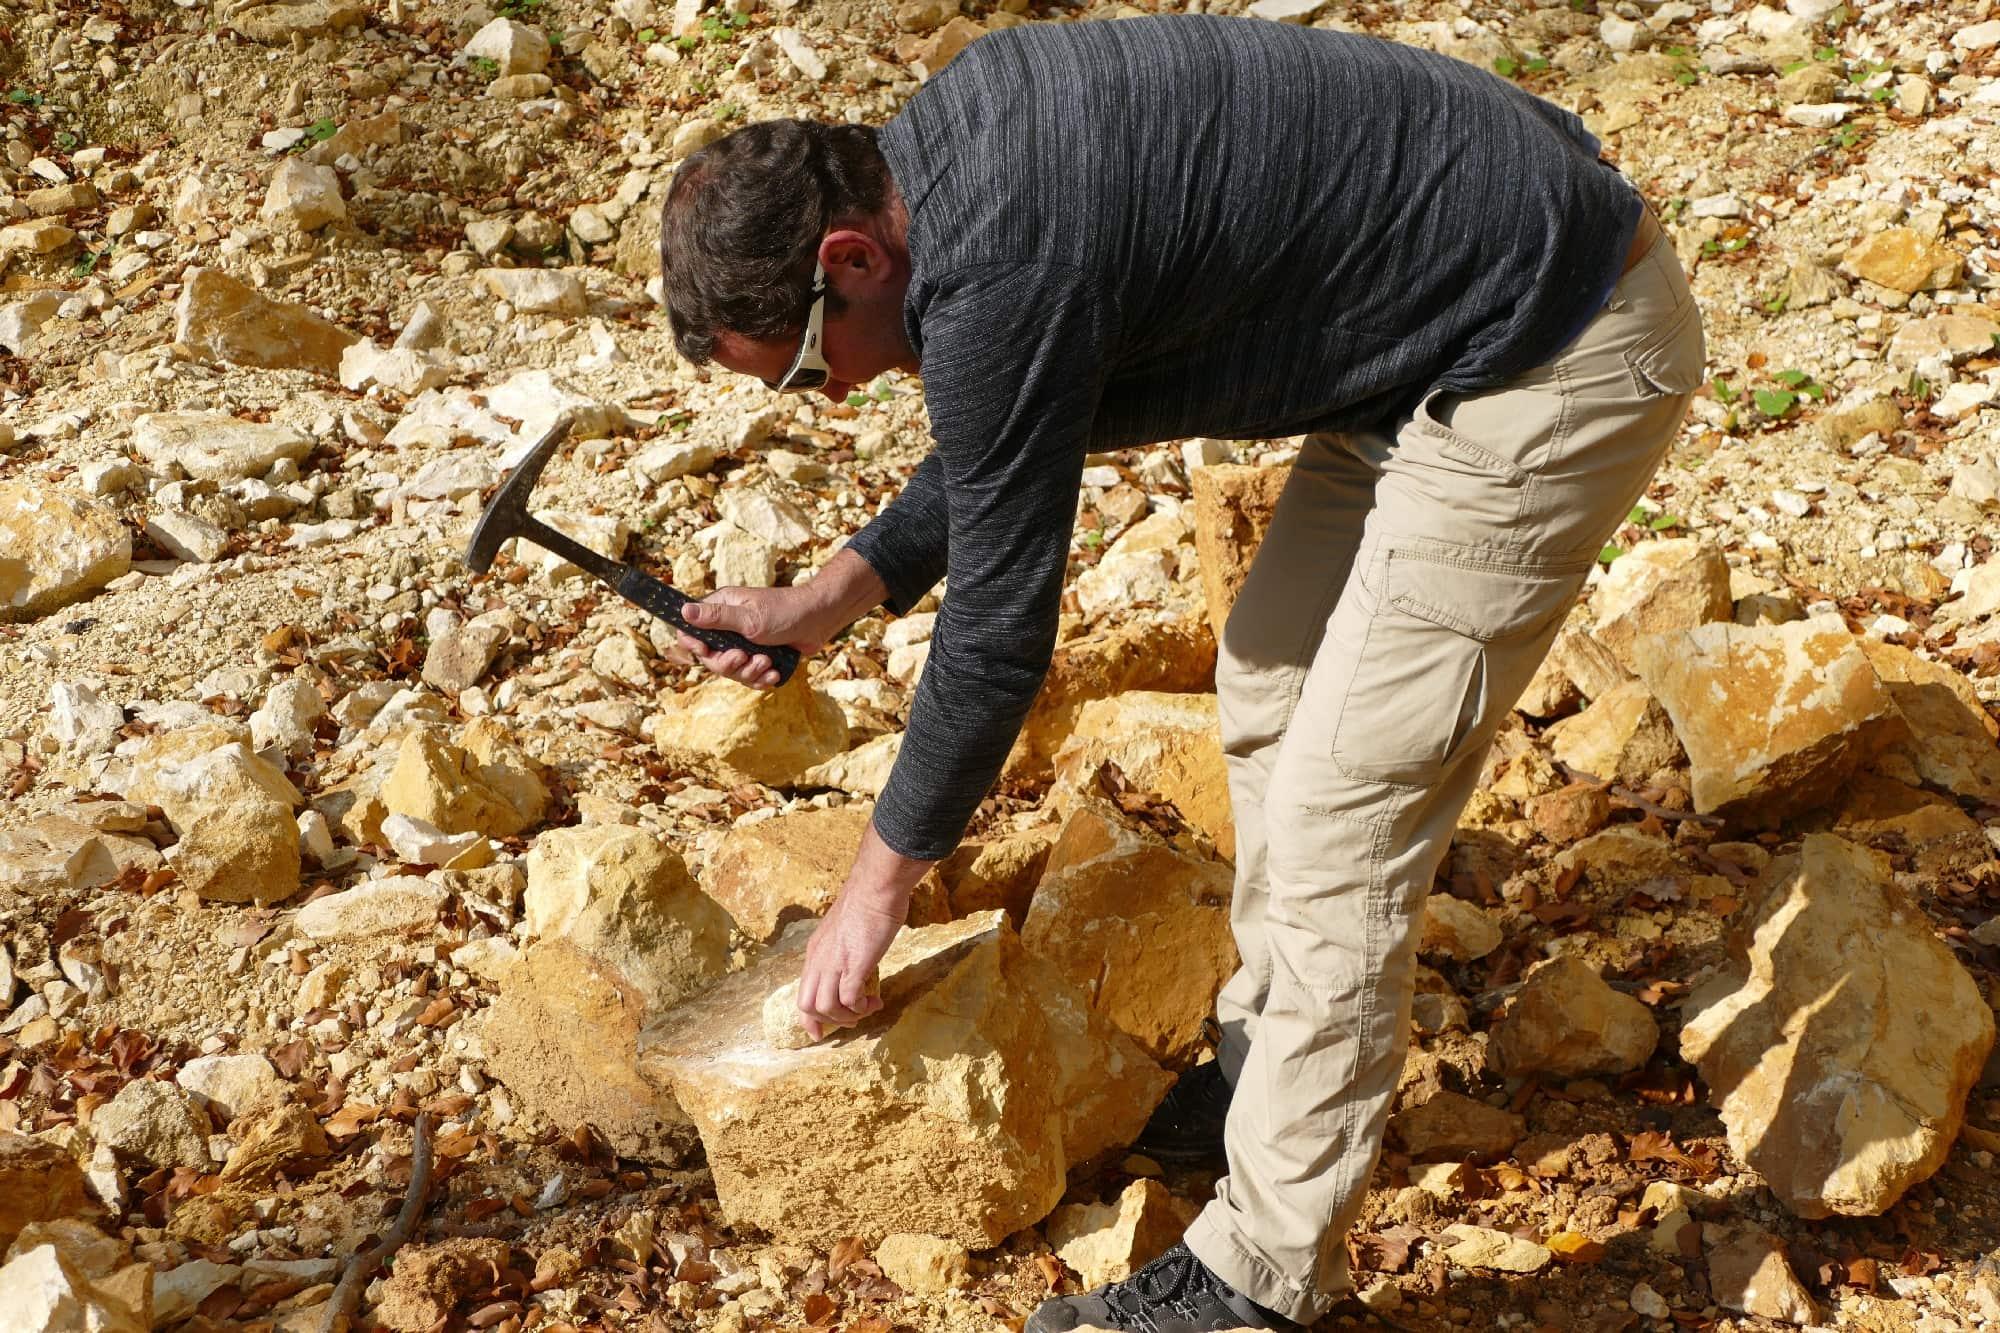 veranstaltungen 2019 fossilien1 - Fossilien suchen und präparieren